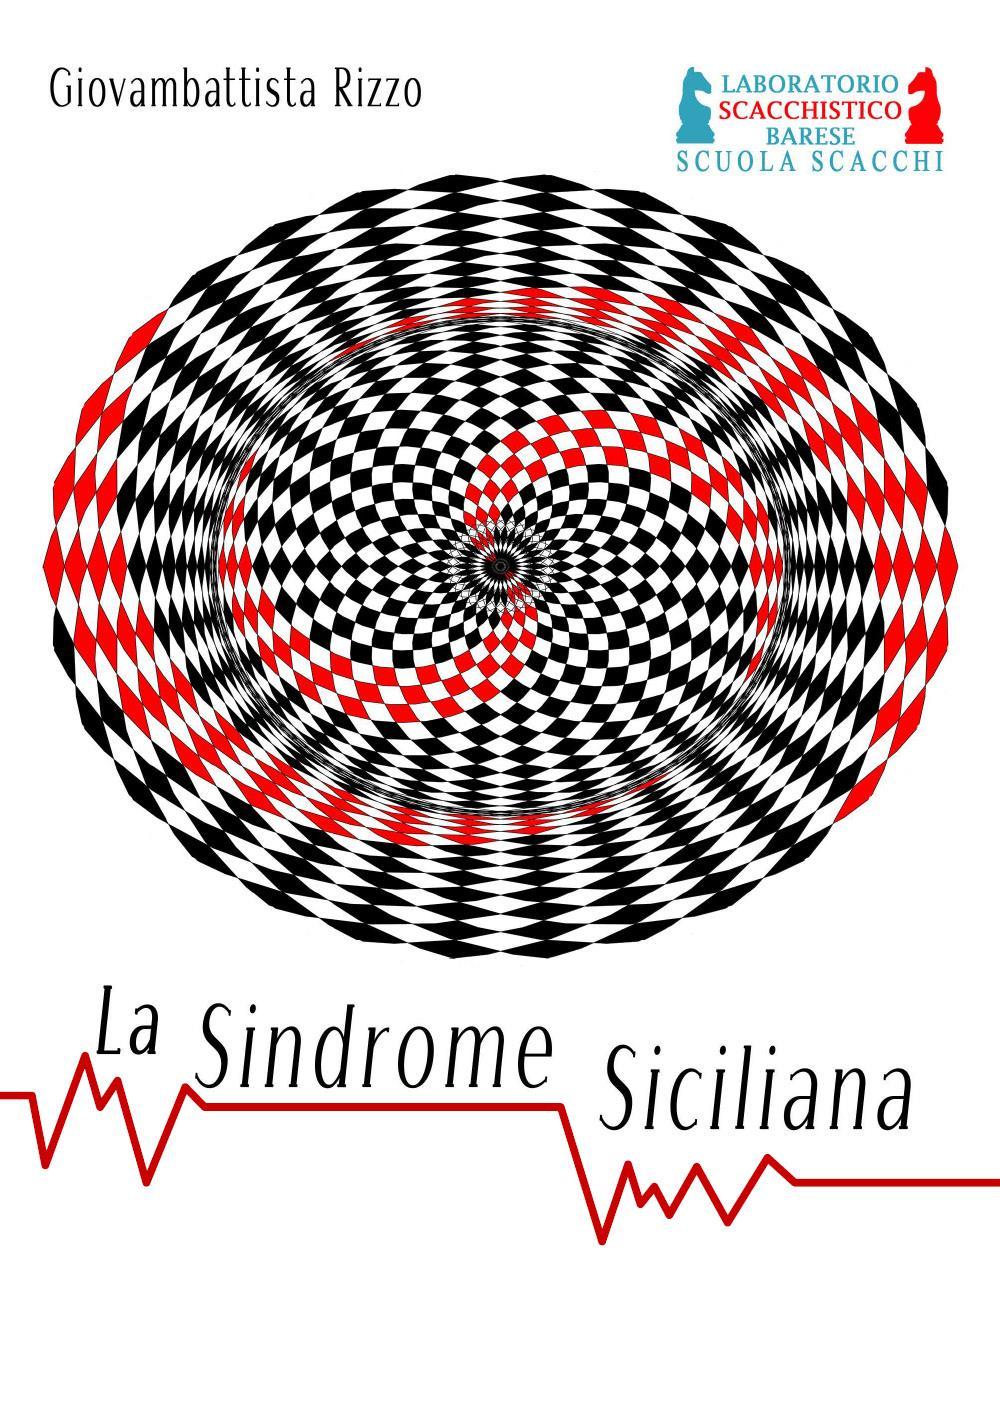 La Sindrome Siciliana